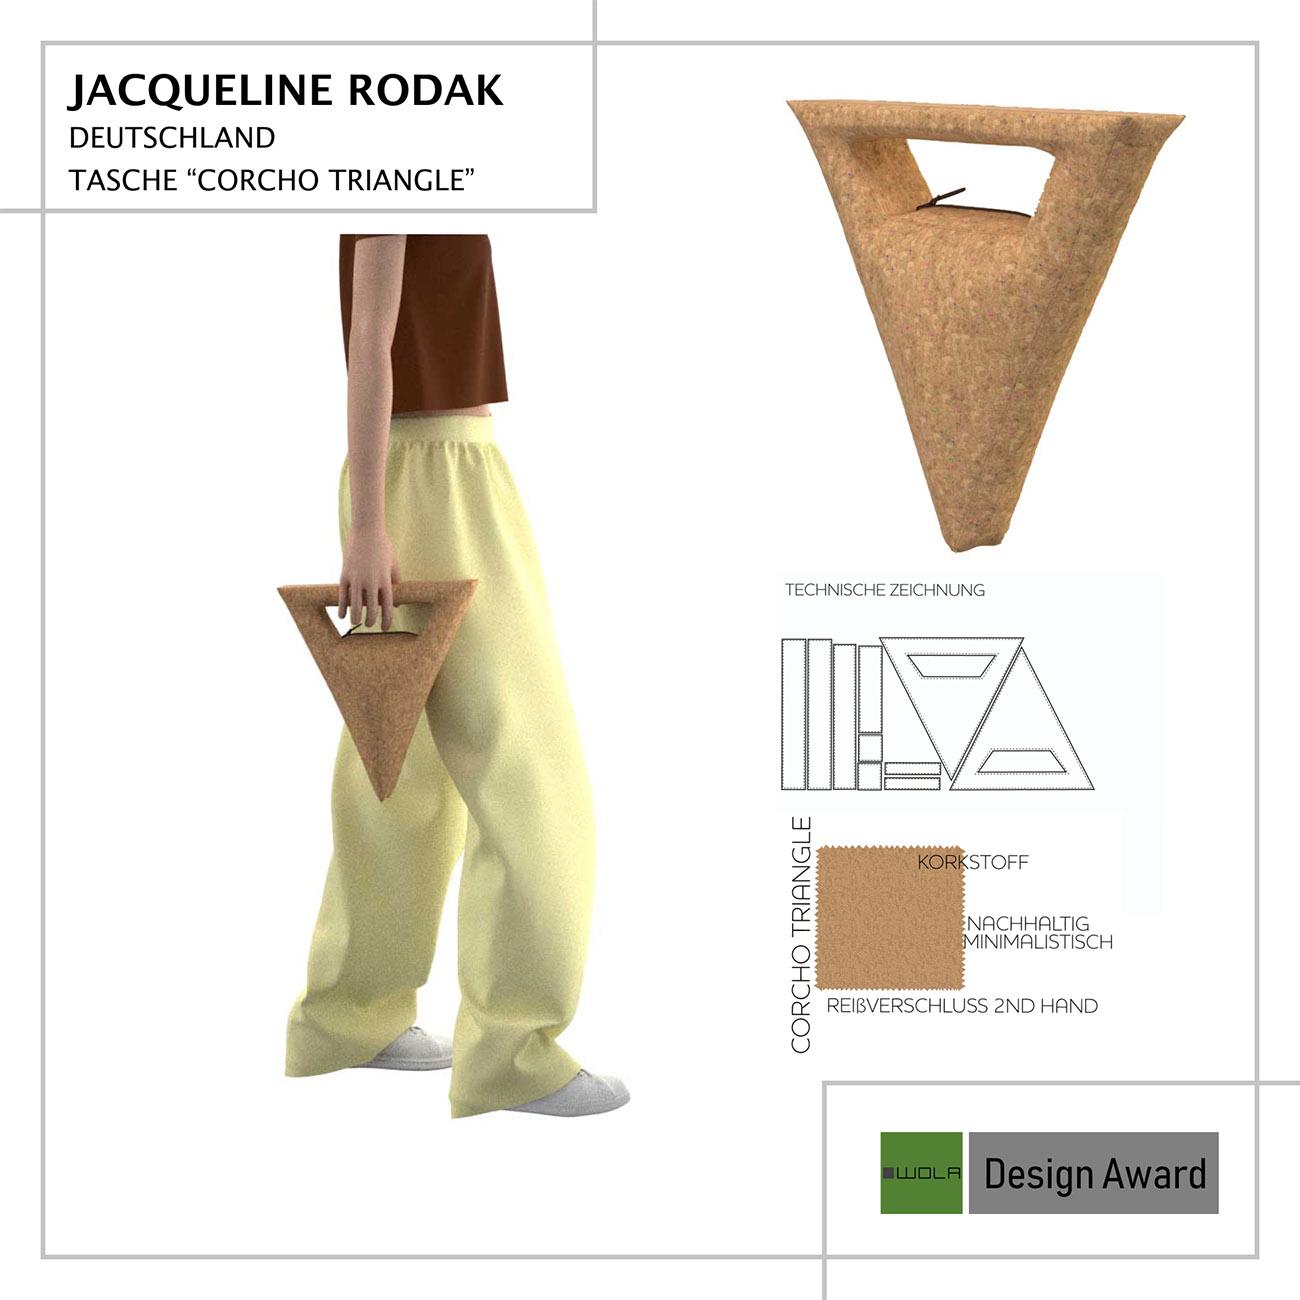 JACQUELINE RODAK Beitrag WOLA-Design Wettbewerb 2021